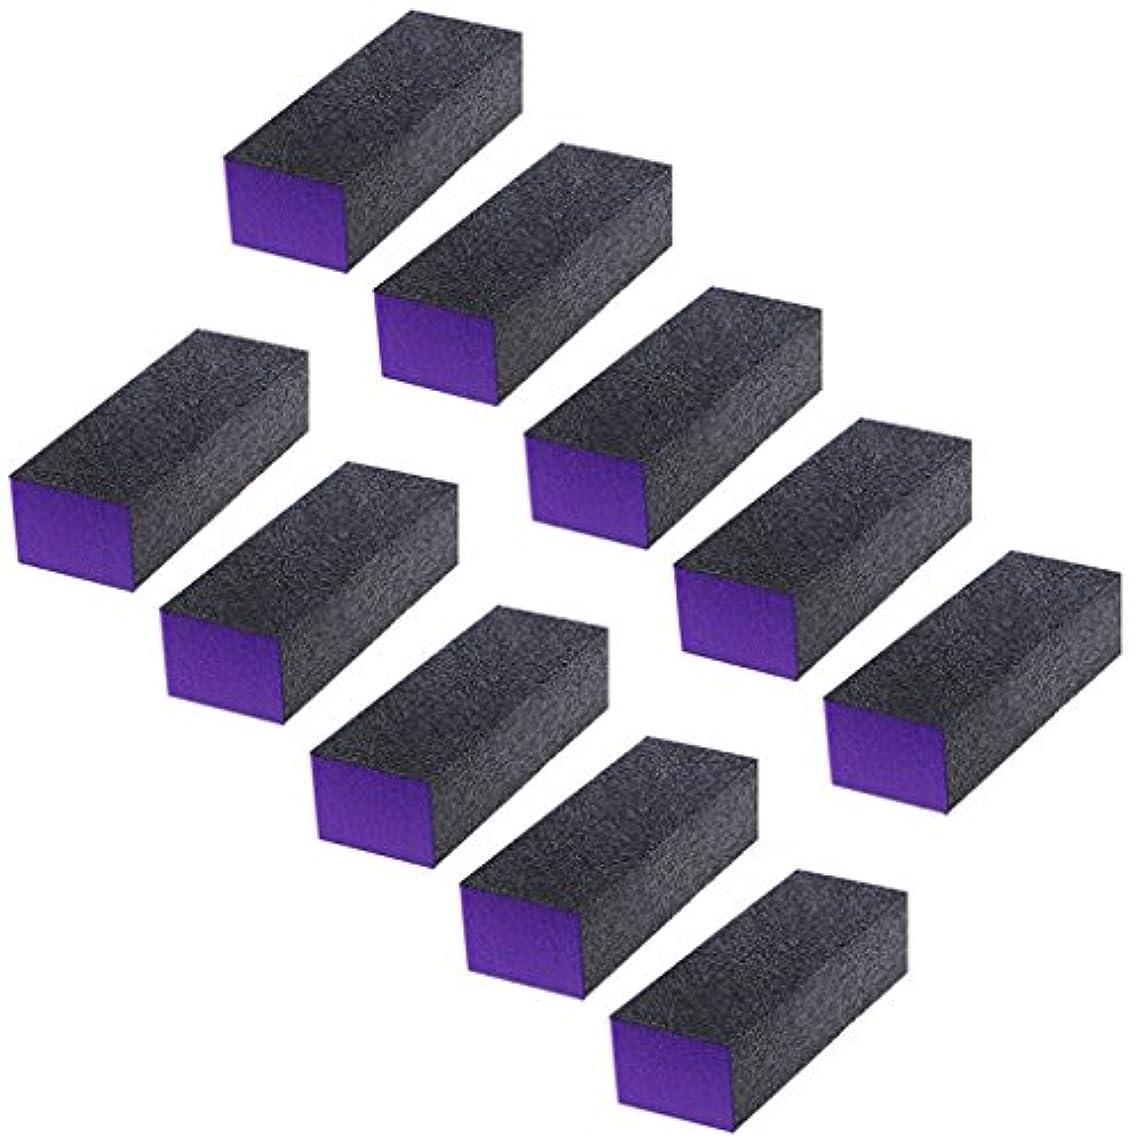 ナイロン辞任物理的なSharring 10個黒紫アップロードバフ研磨サンディングブロックファイルグリットネイルアートツールセット [並行輸入品]